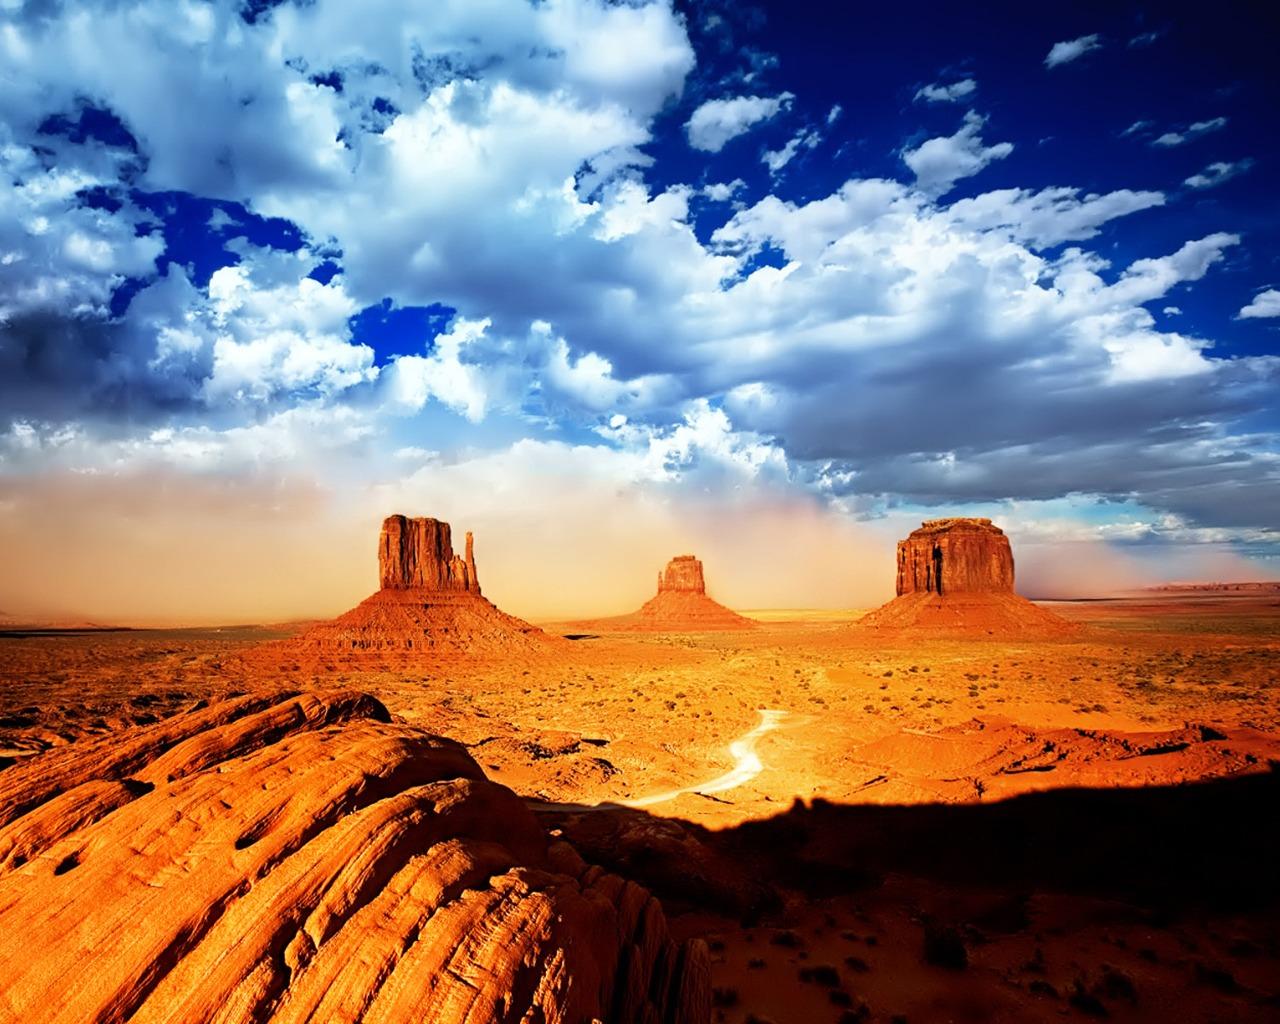 desert landscape wallpaper - photo #27